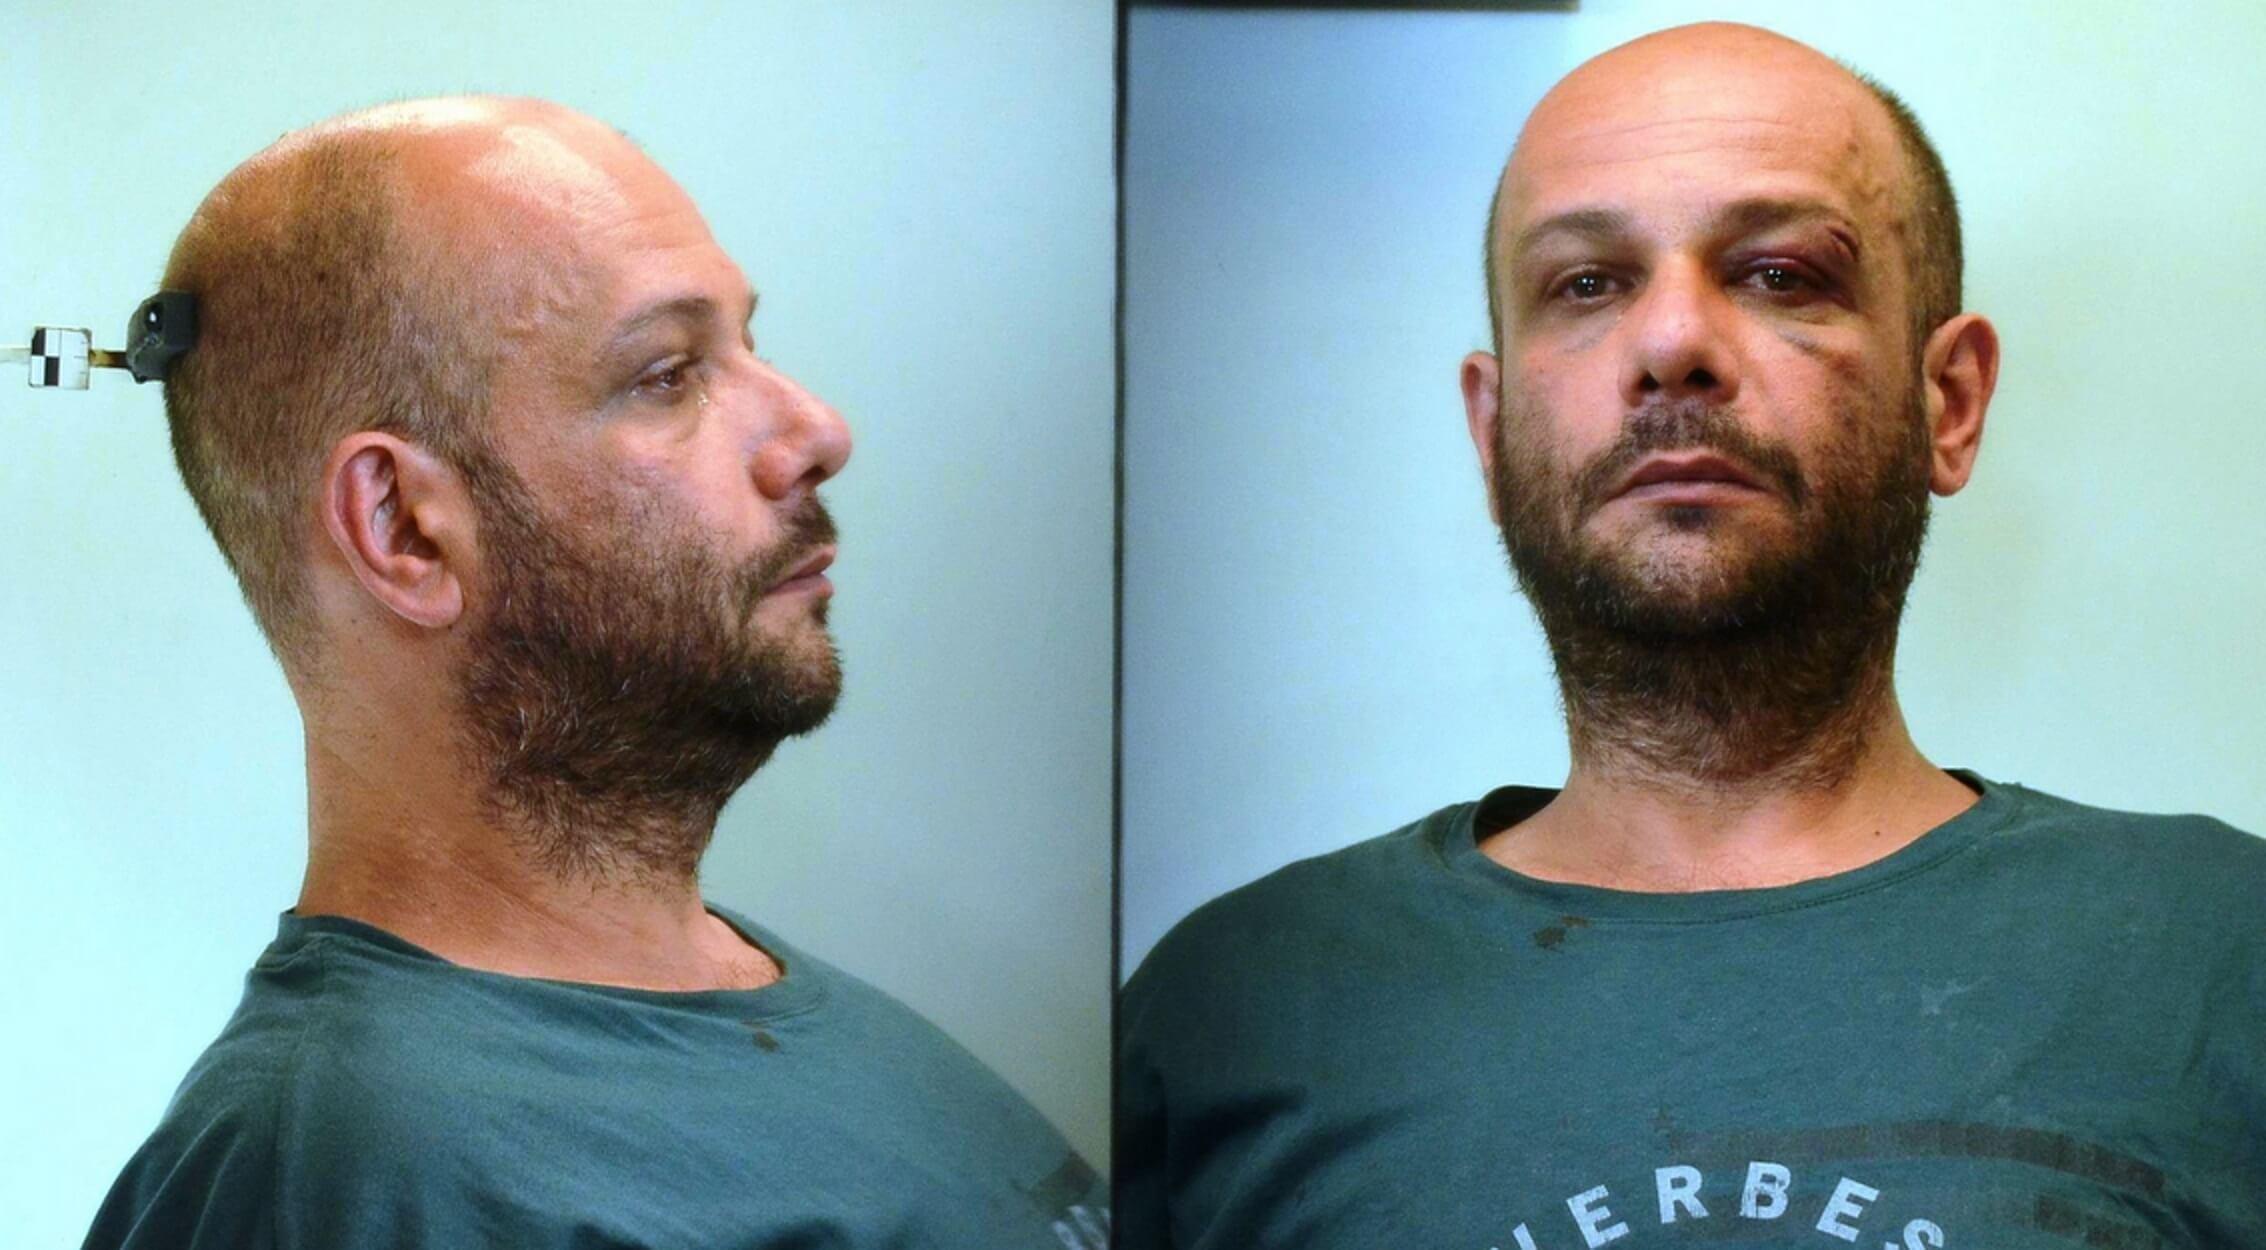 Αυτός είναι ο 43χρονος που κατηγορείται ότι αποπλάνησε 14χρονη μαθήτρια